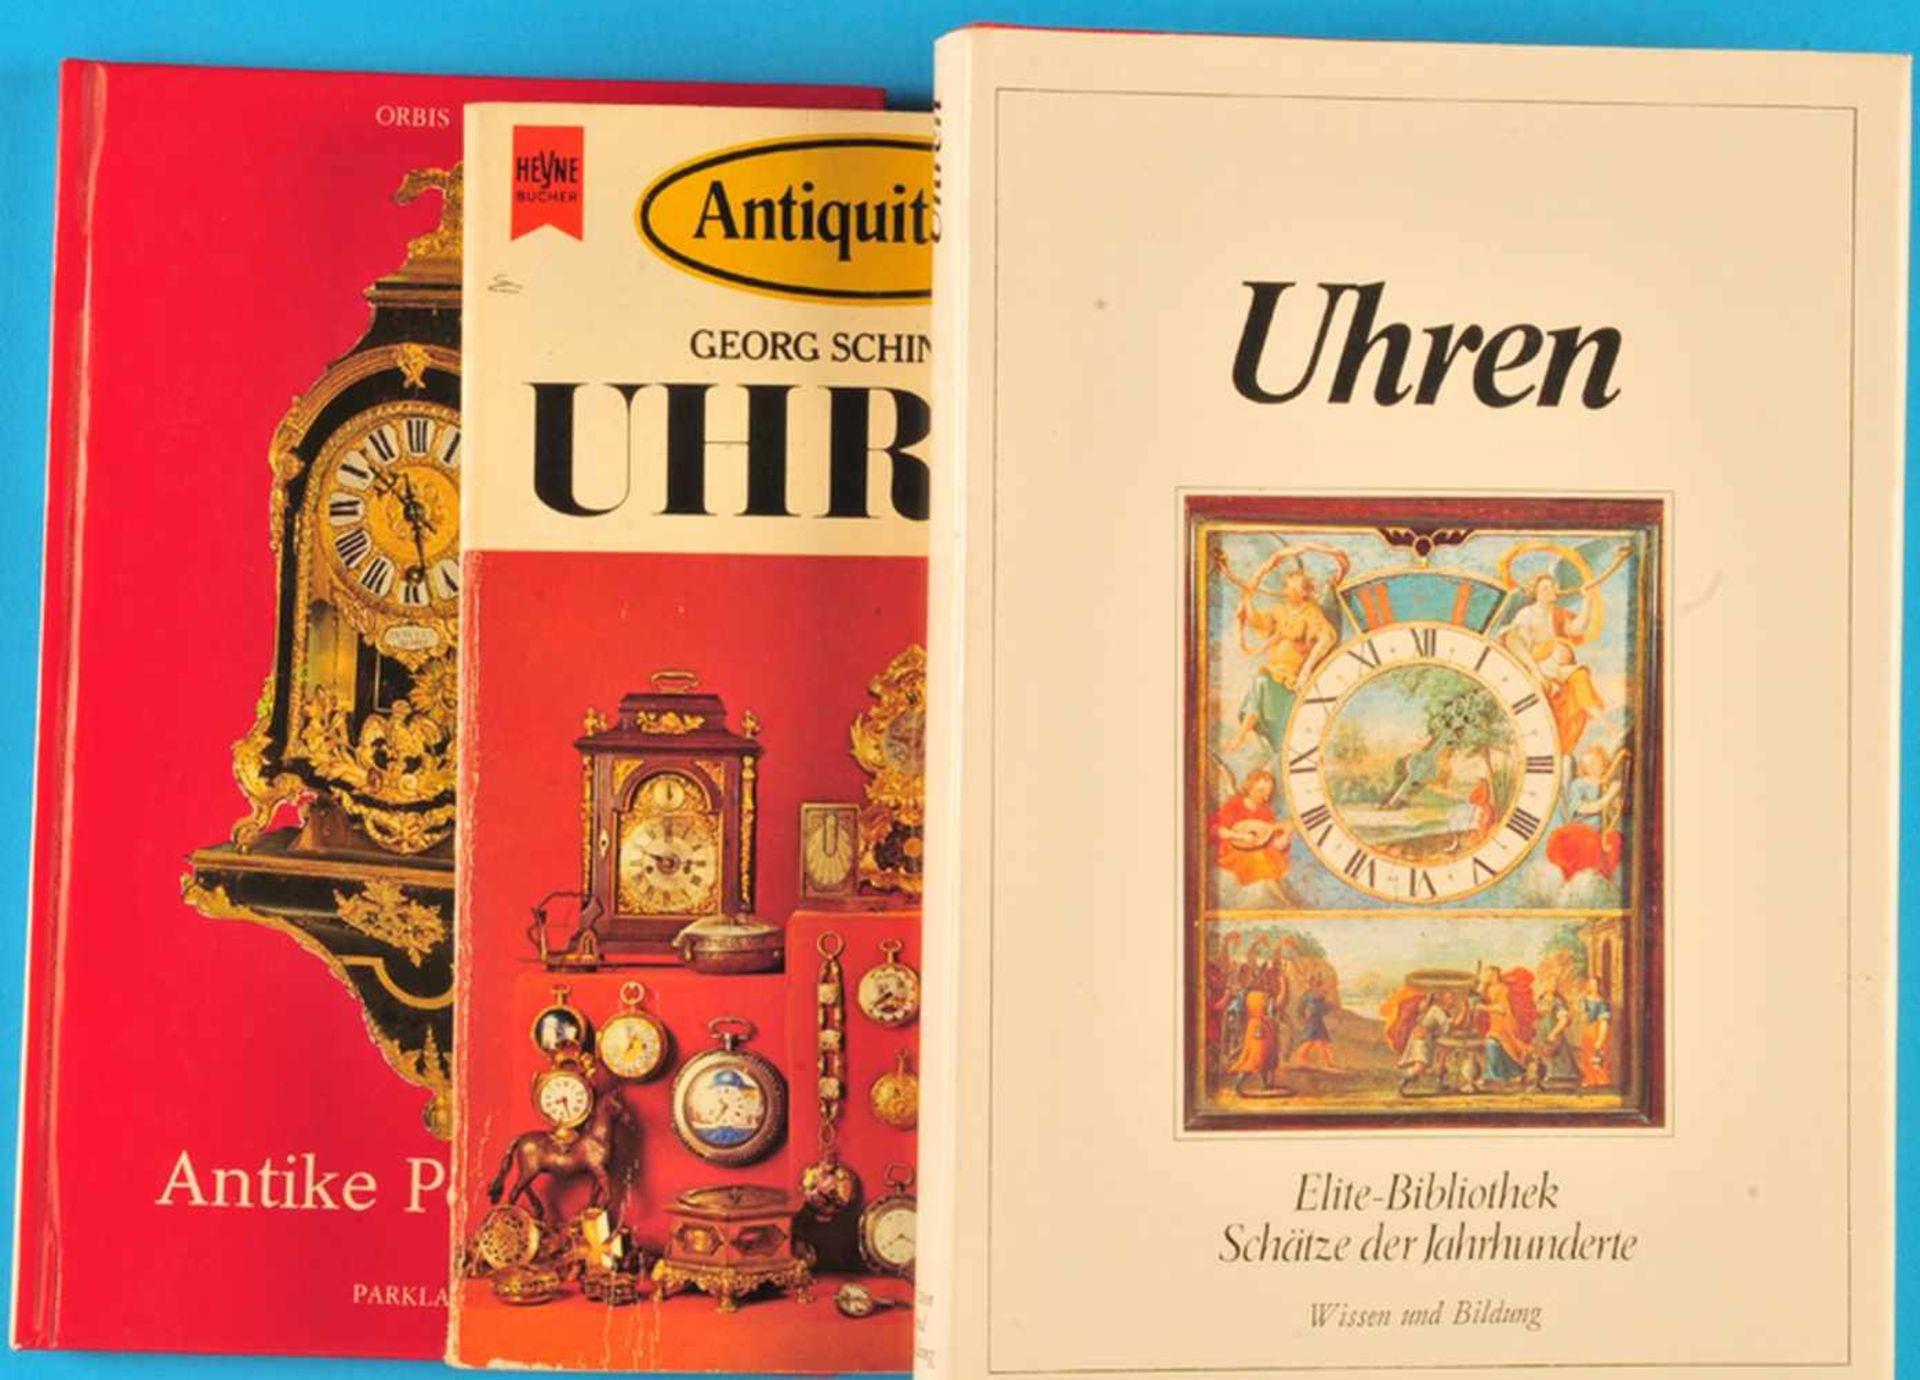 Los 47 - 3 Kleine Bücher: Georg Schindler, Uhren, 19753 Kleine Bücher: Georg Schindler, Uhren, 1975,